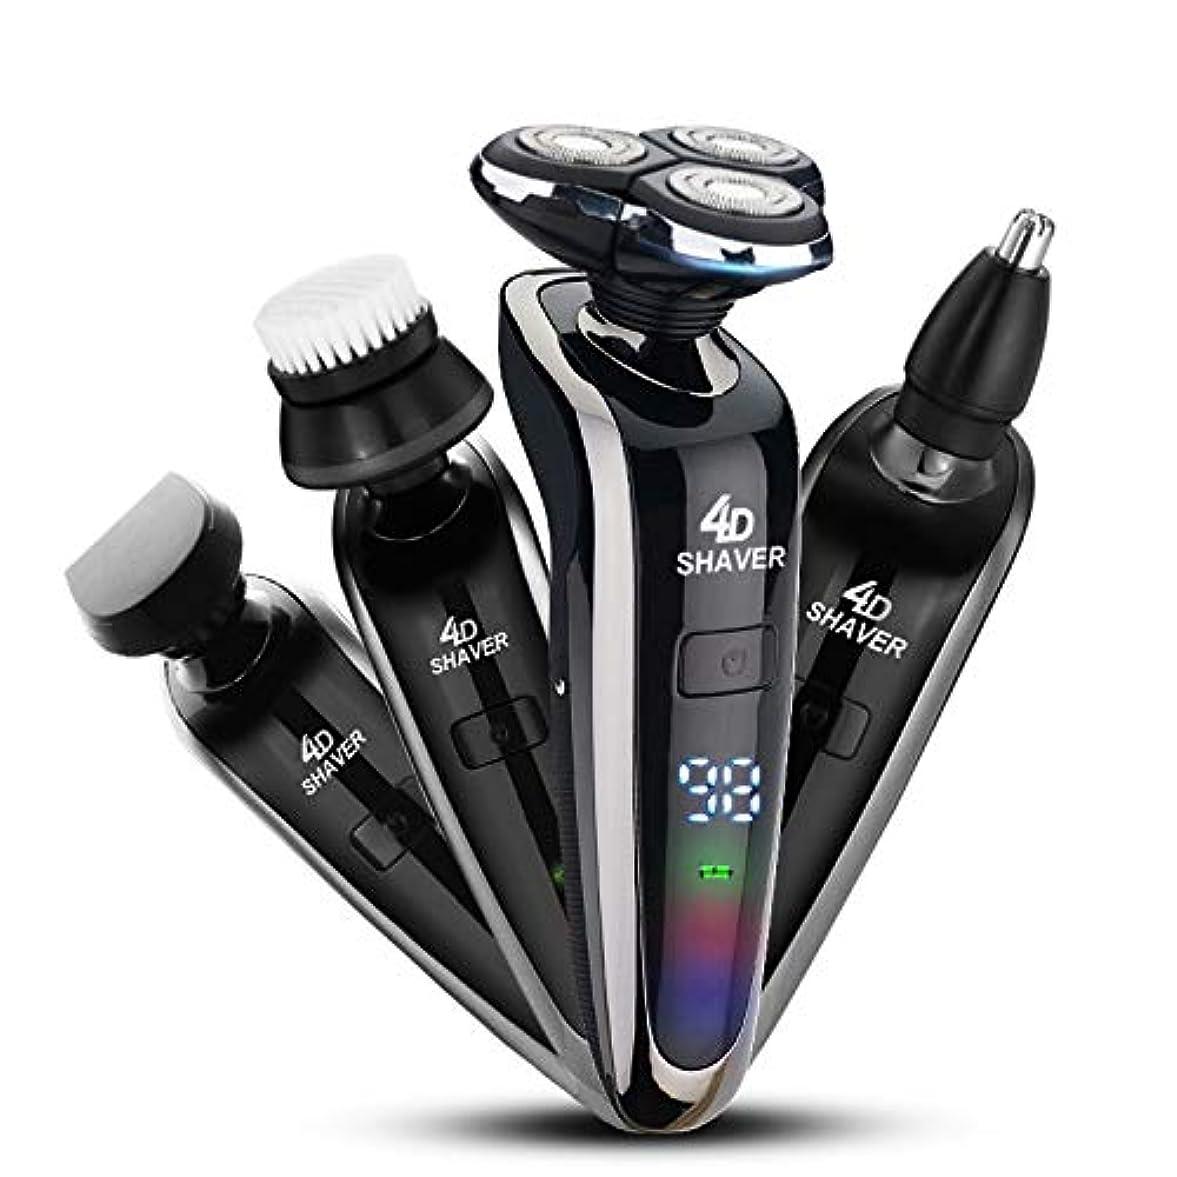 欠乏手入れ無線メンズ電気シェーバー 3枚刃 4 in 1髭剃り USB充電式 LEDディスプレイー お風呂剃り可能 トリマーと鼻毛カッター 洗顔ブラシ付き 防水仕様IPX基準 本体丸洗い可能